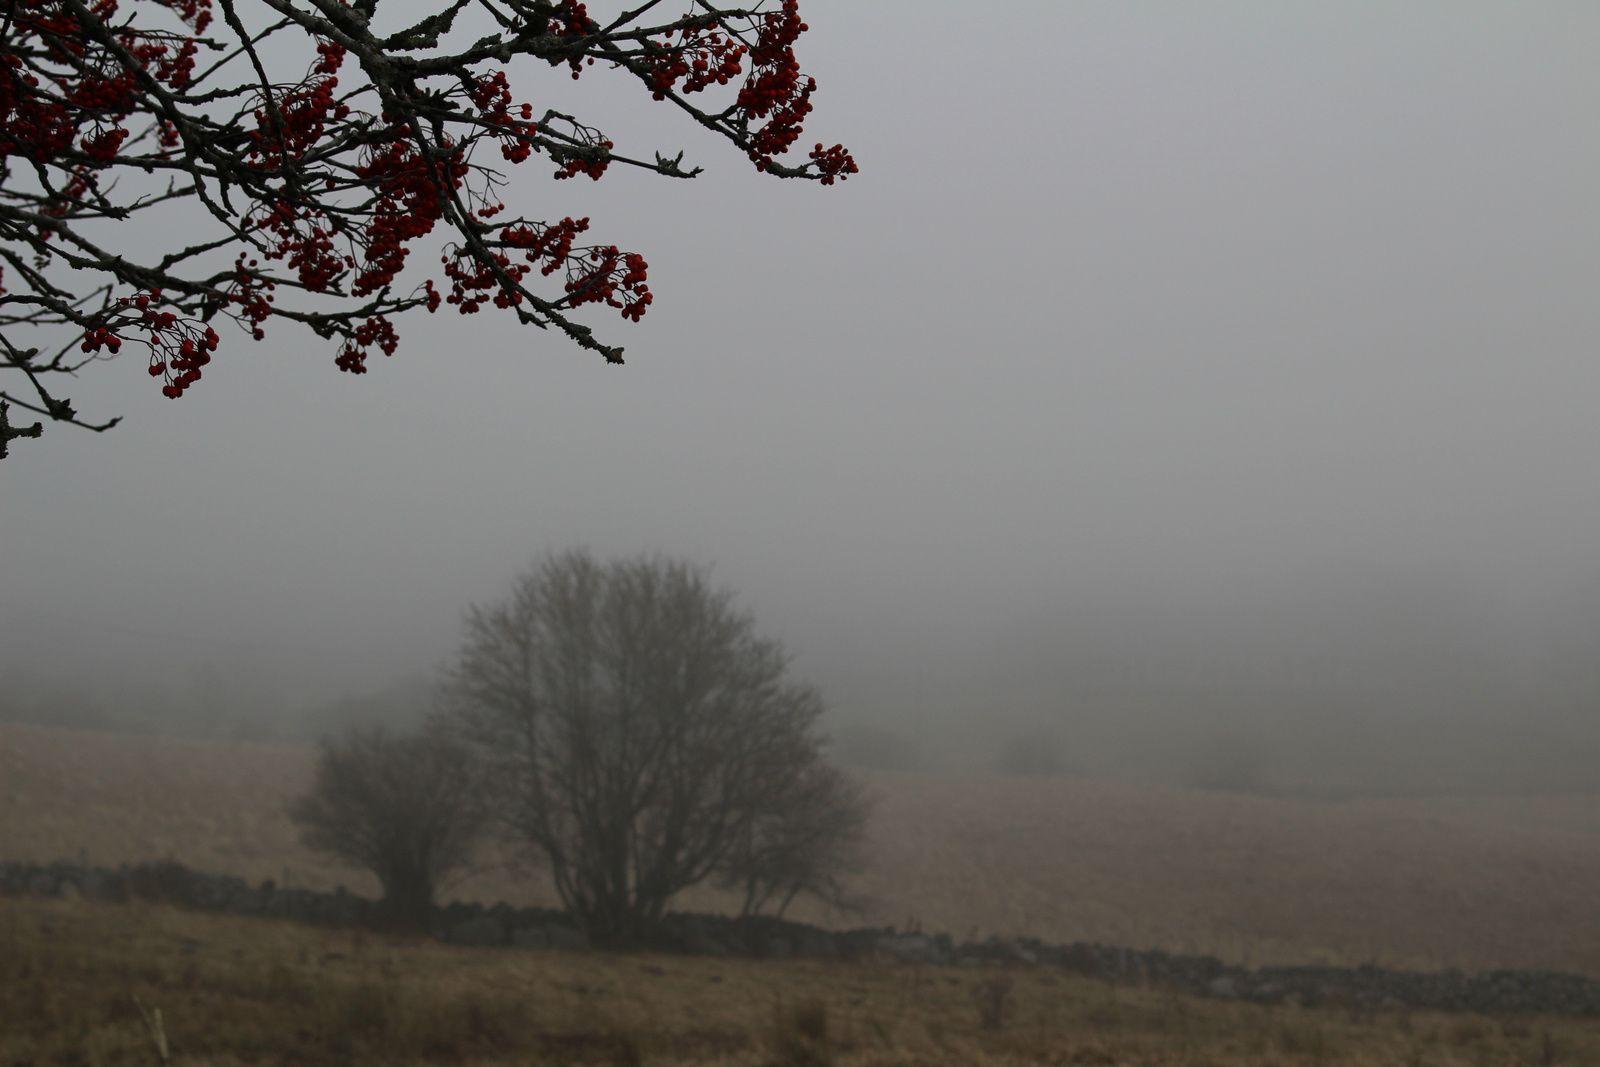 Couleurs d'automne sur l'Aubrac embrumé.